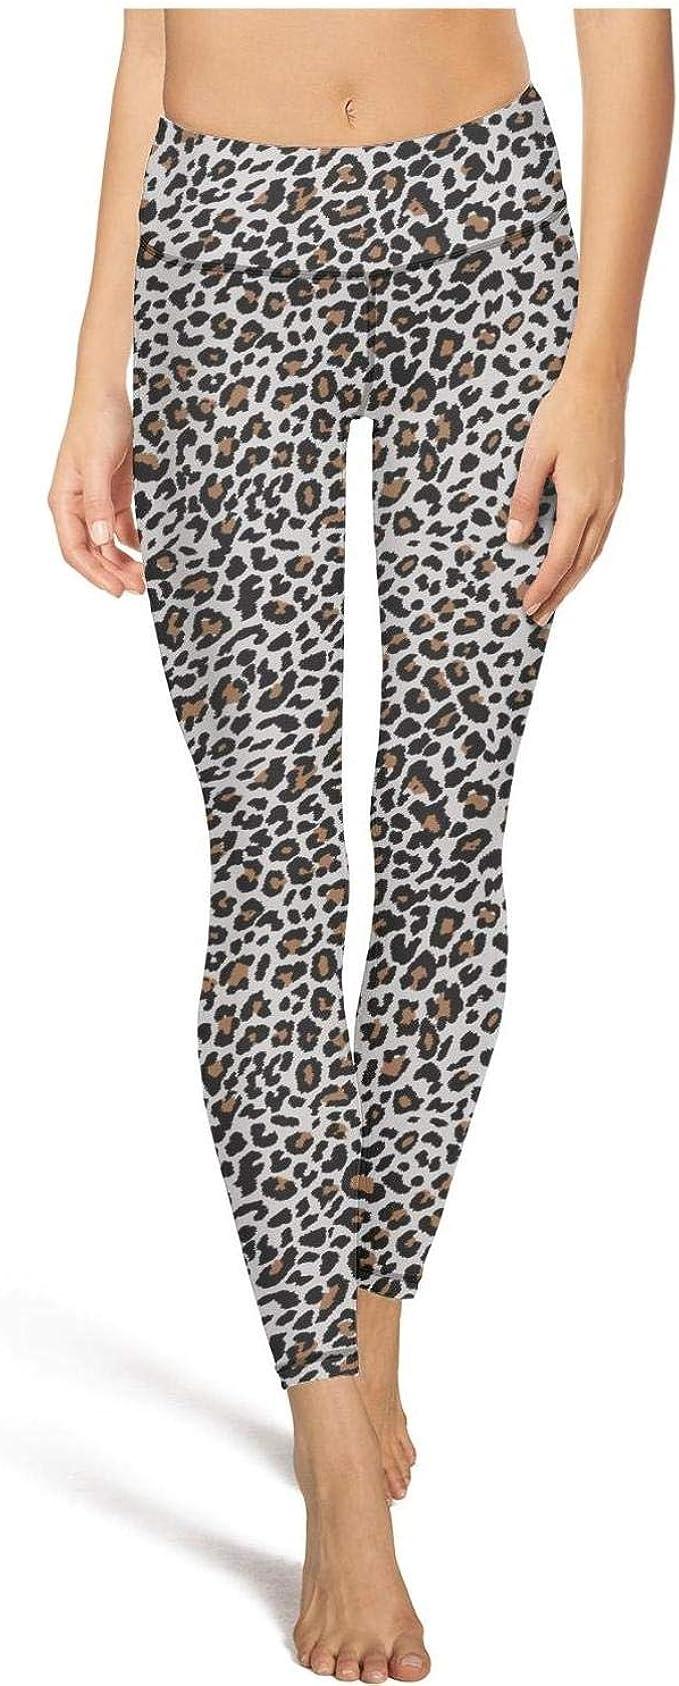 leggings brushed poly leggings animal print leggings yoga leggings leopard leggings tiger leggings snakeskin leggings leopard